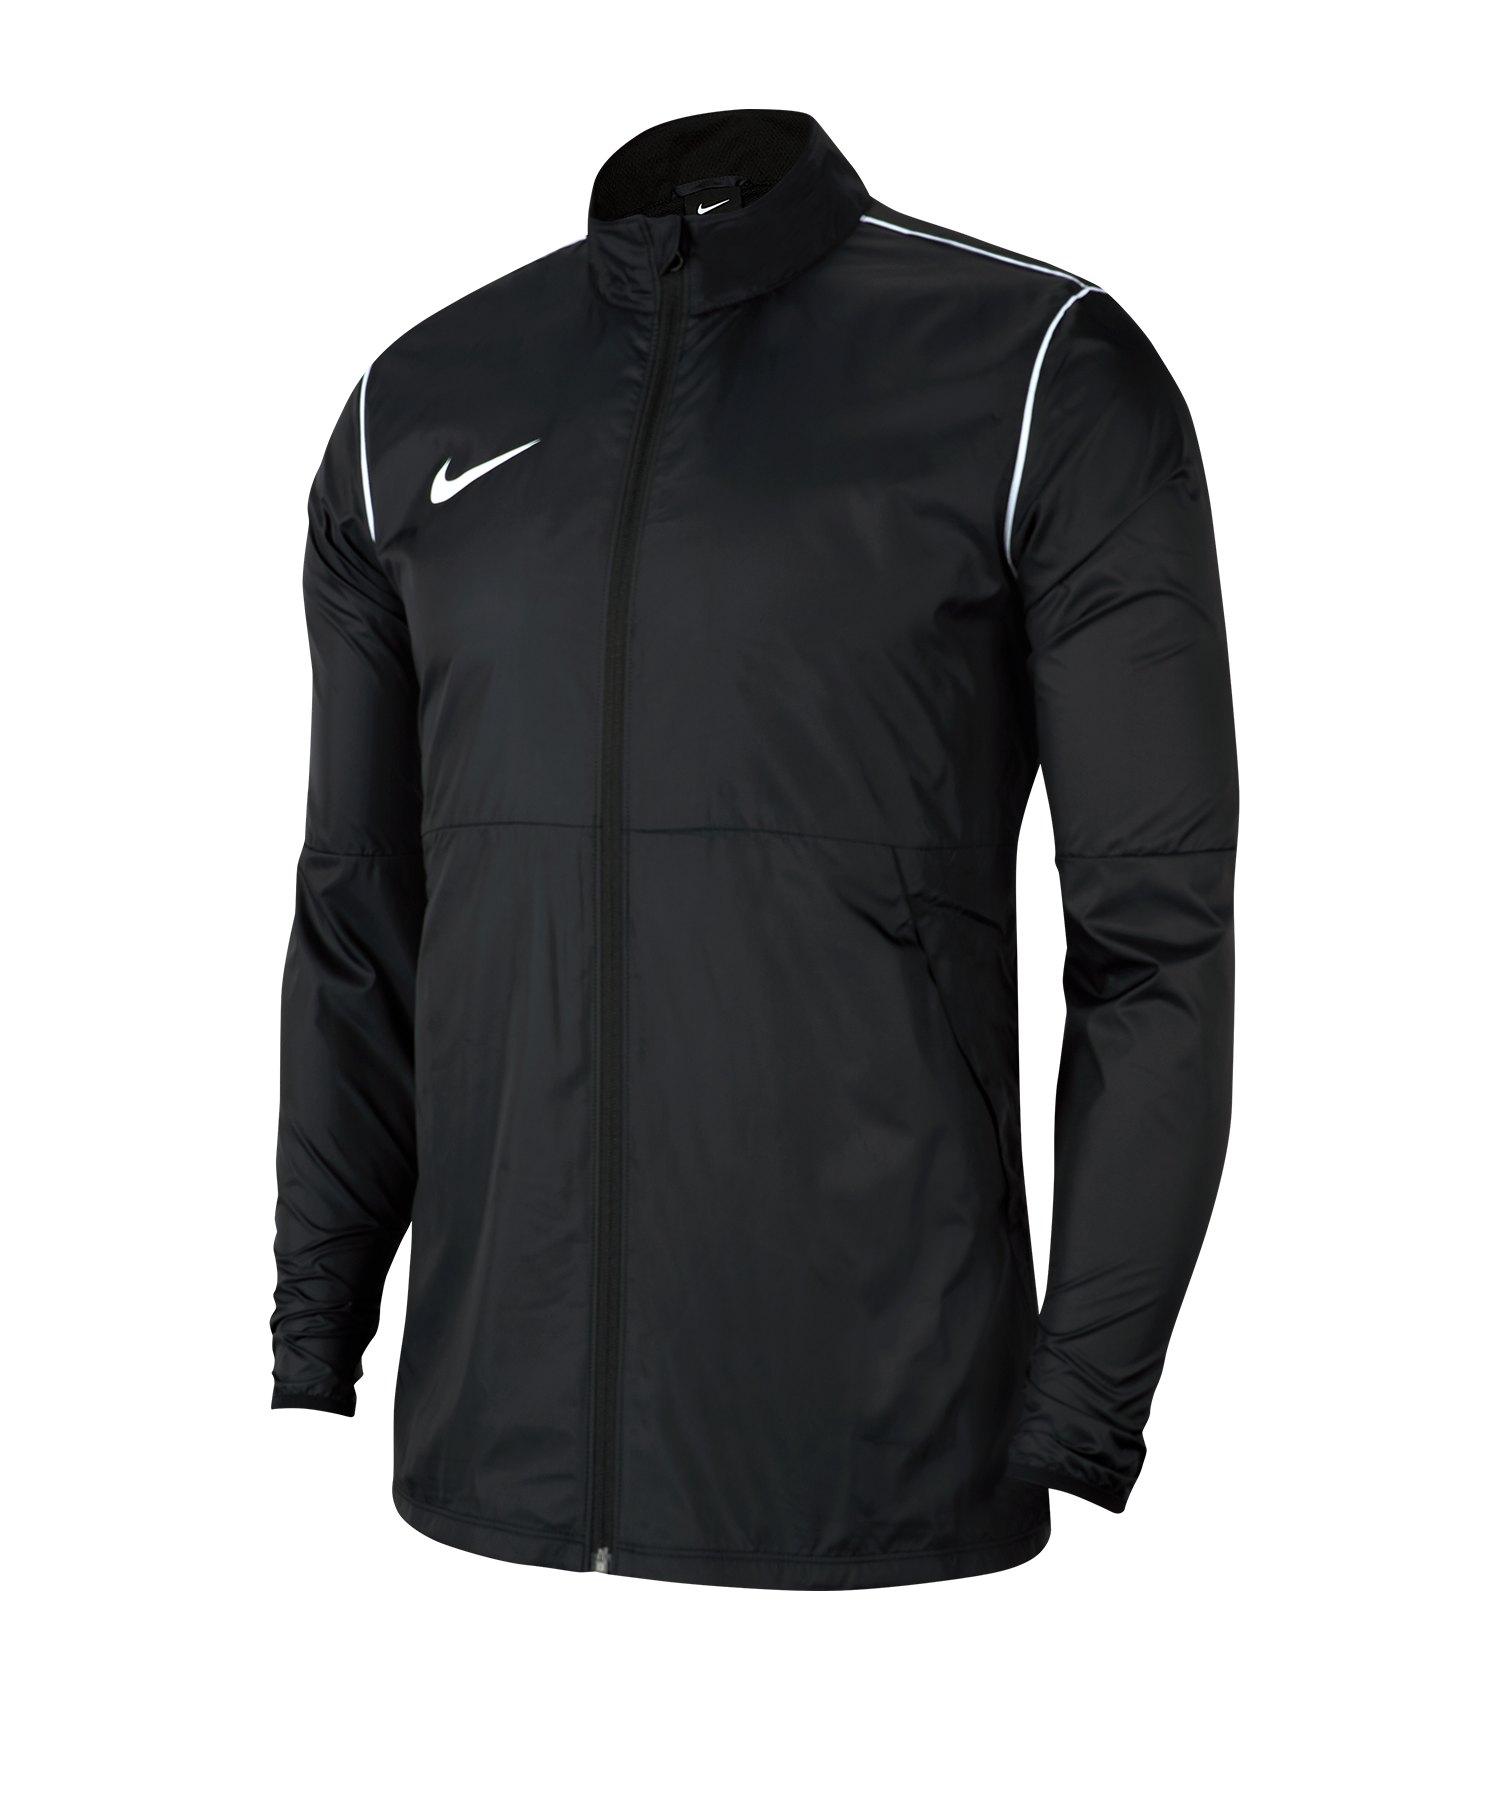 Nike Park 20 Regenjacke Schwarz F010 - schwarz